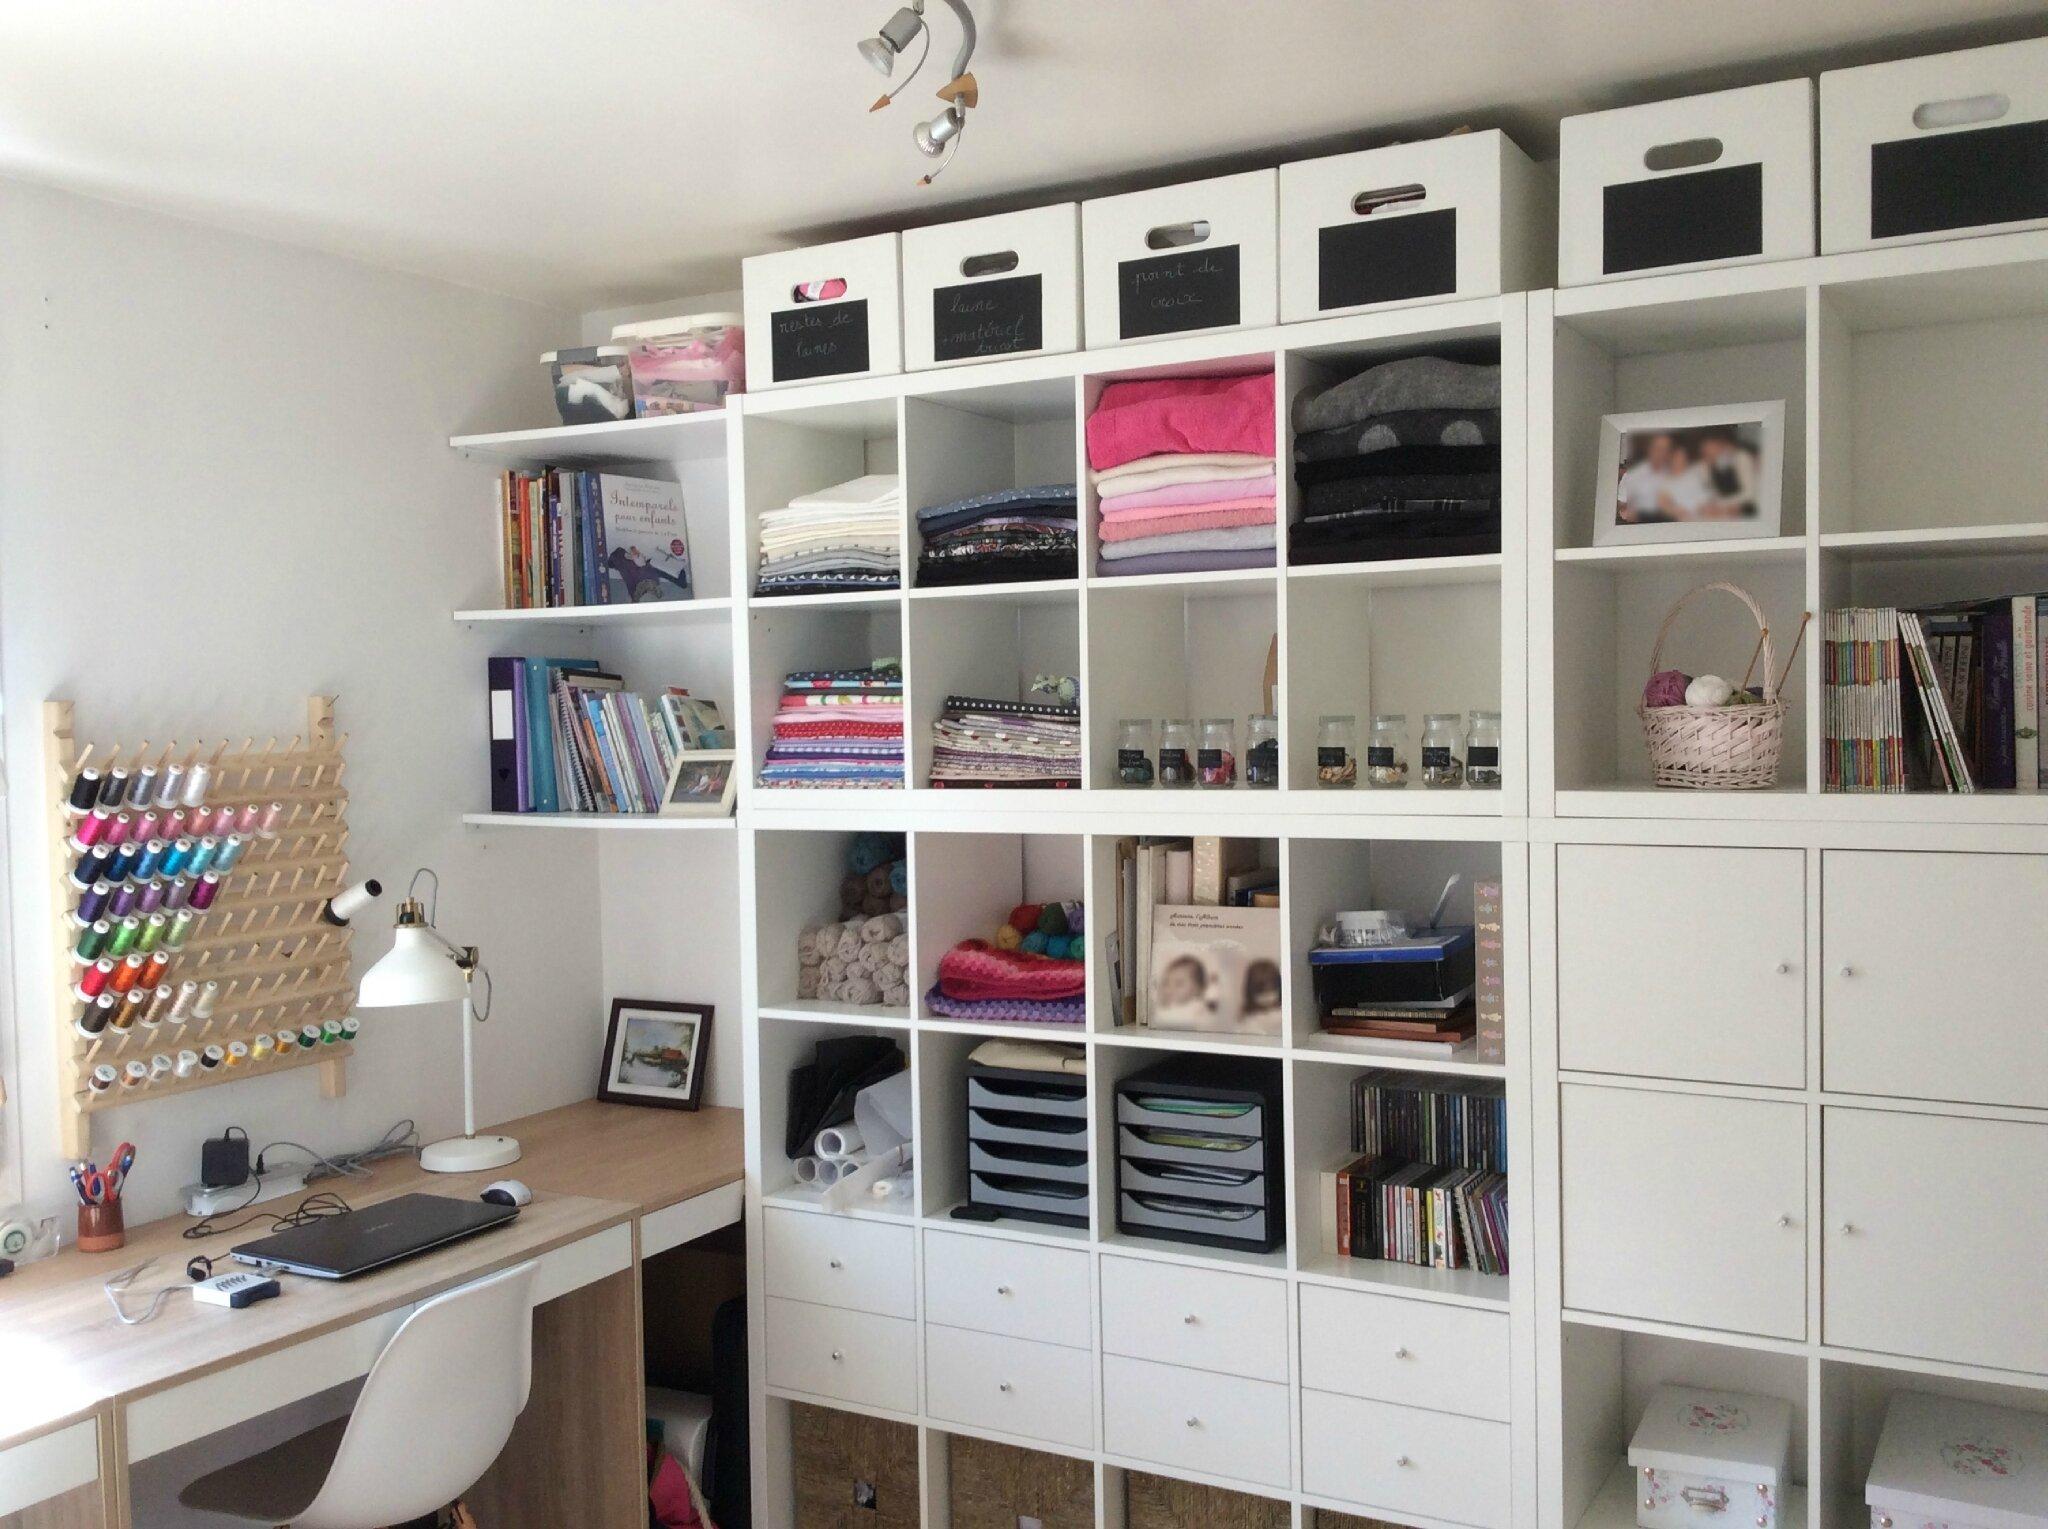 Mon atelier le fil d 39 auriane - Blog couture deco maison ...